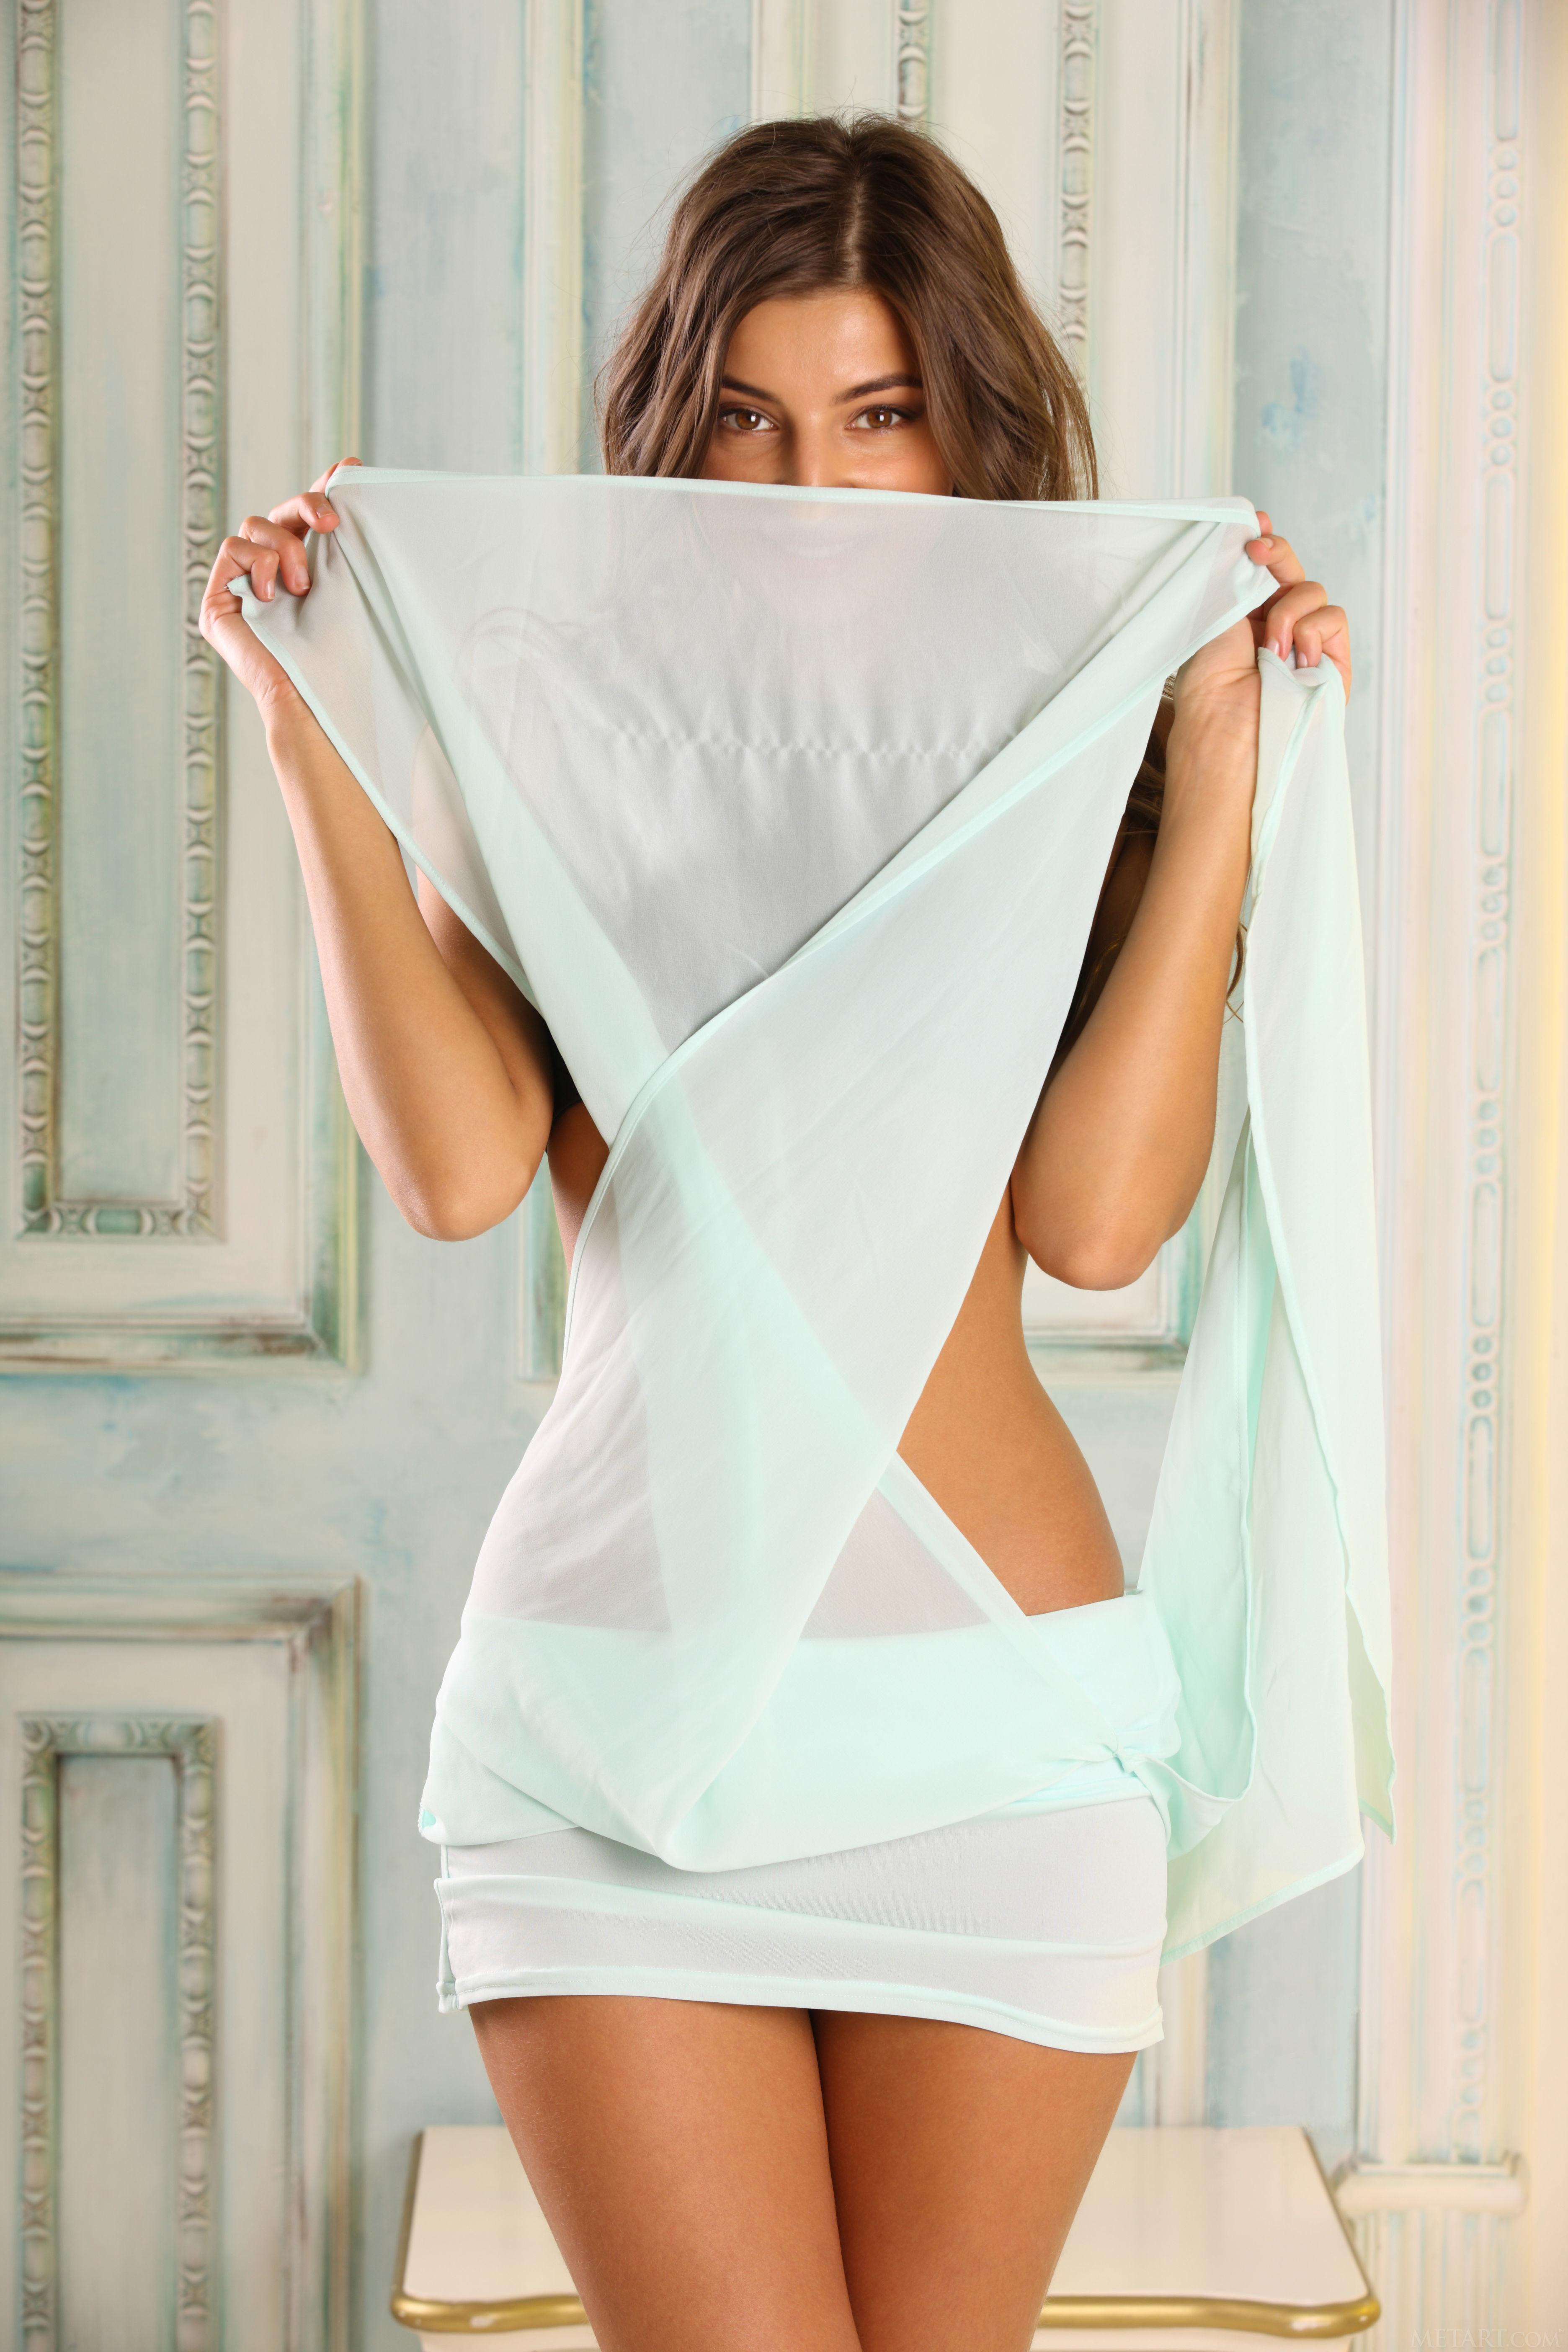 Маша показывает киску под юбкой